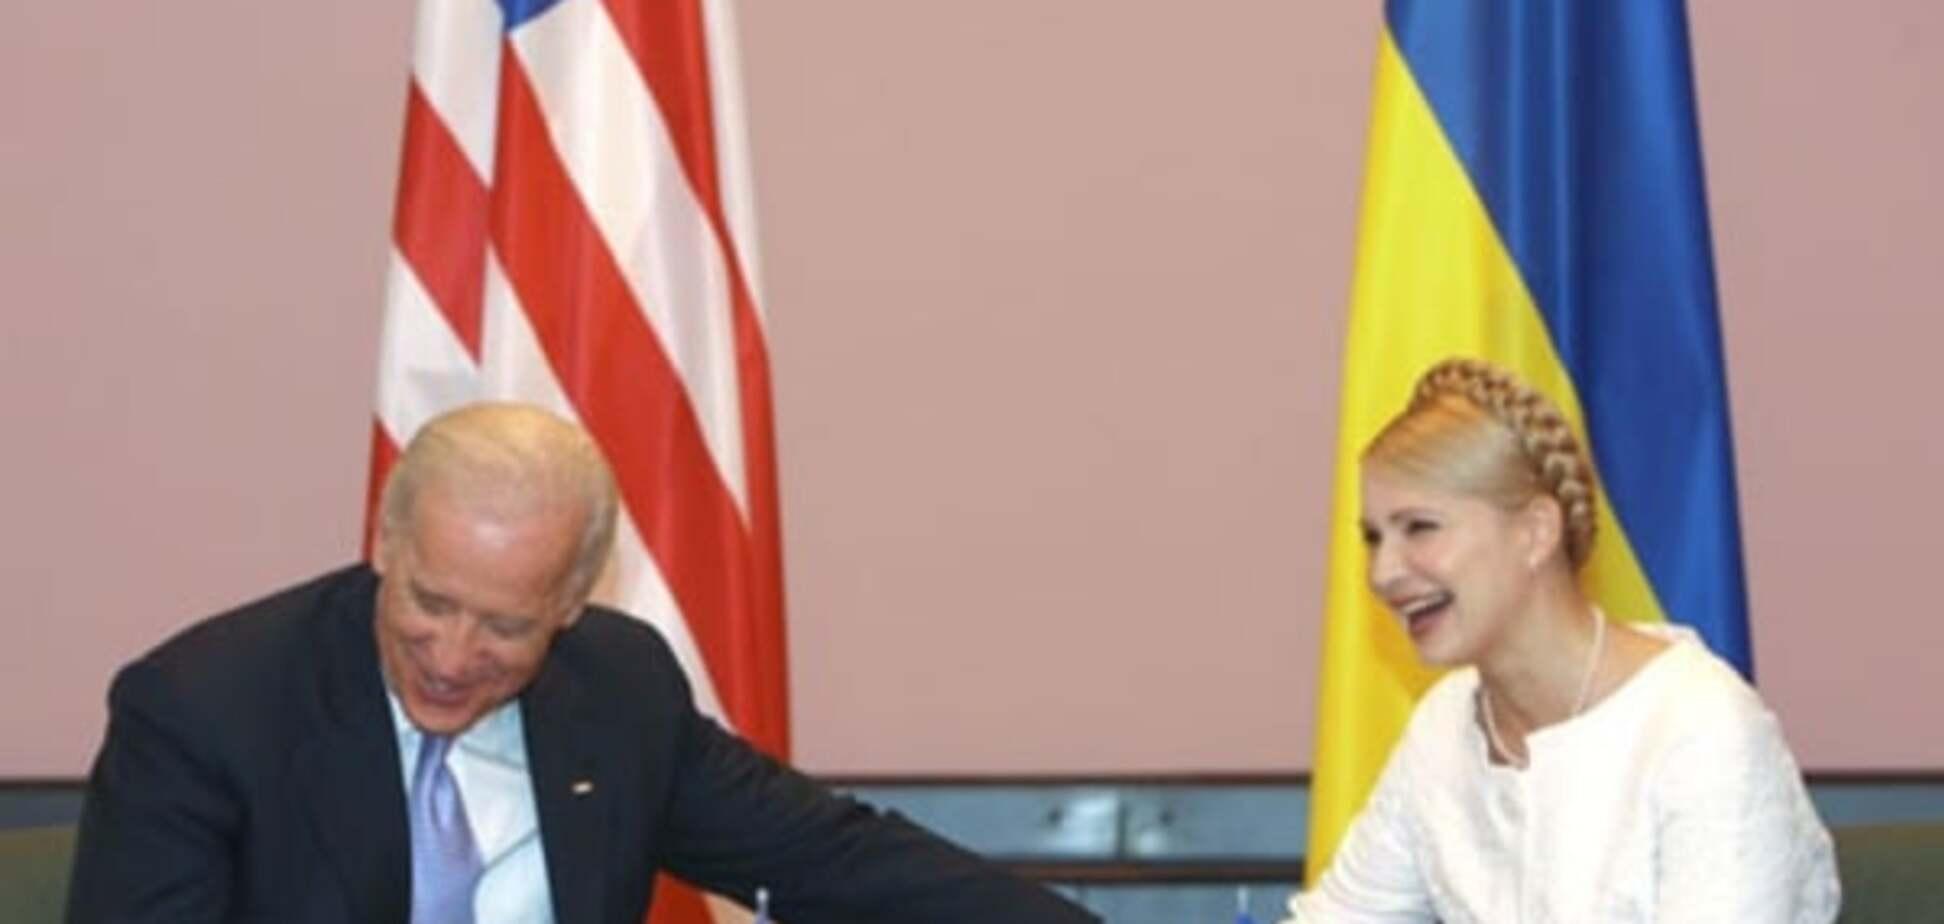 Тимошенко срочно вылетела в США, зачем?